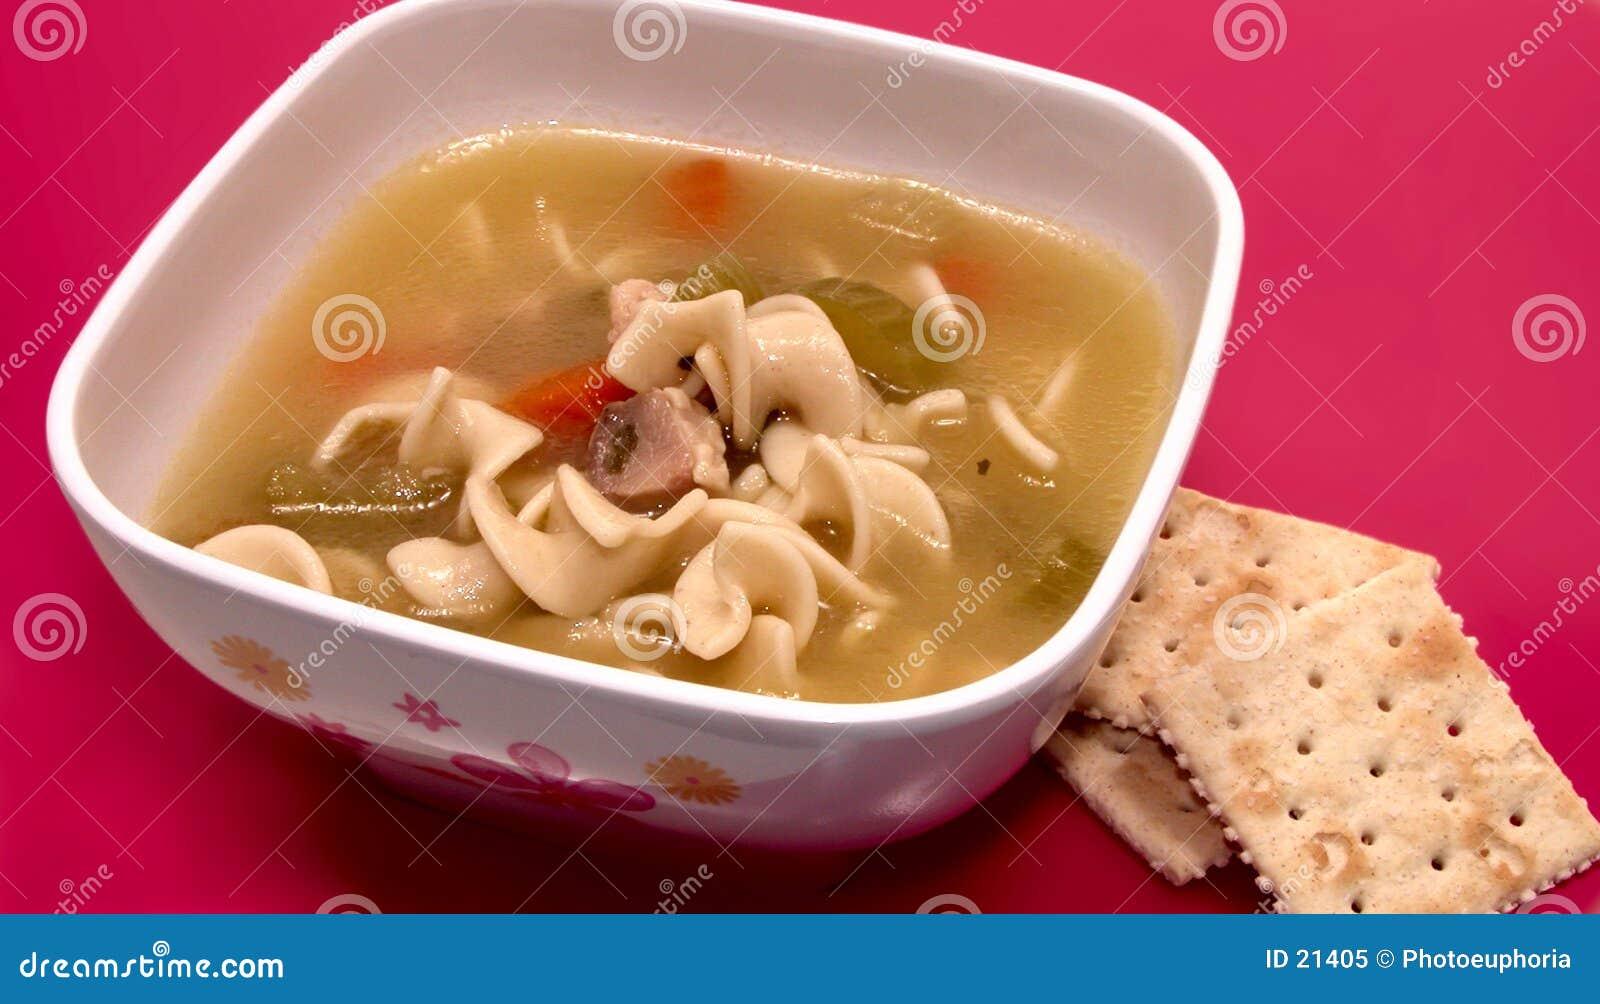 Dziecko jest miski zupy